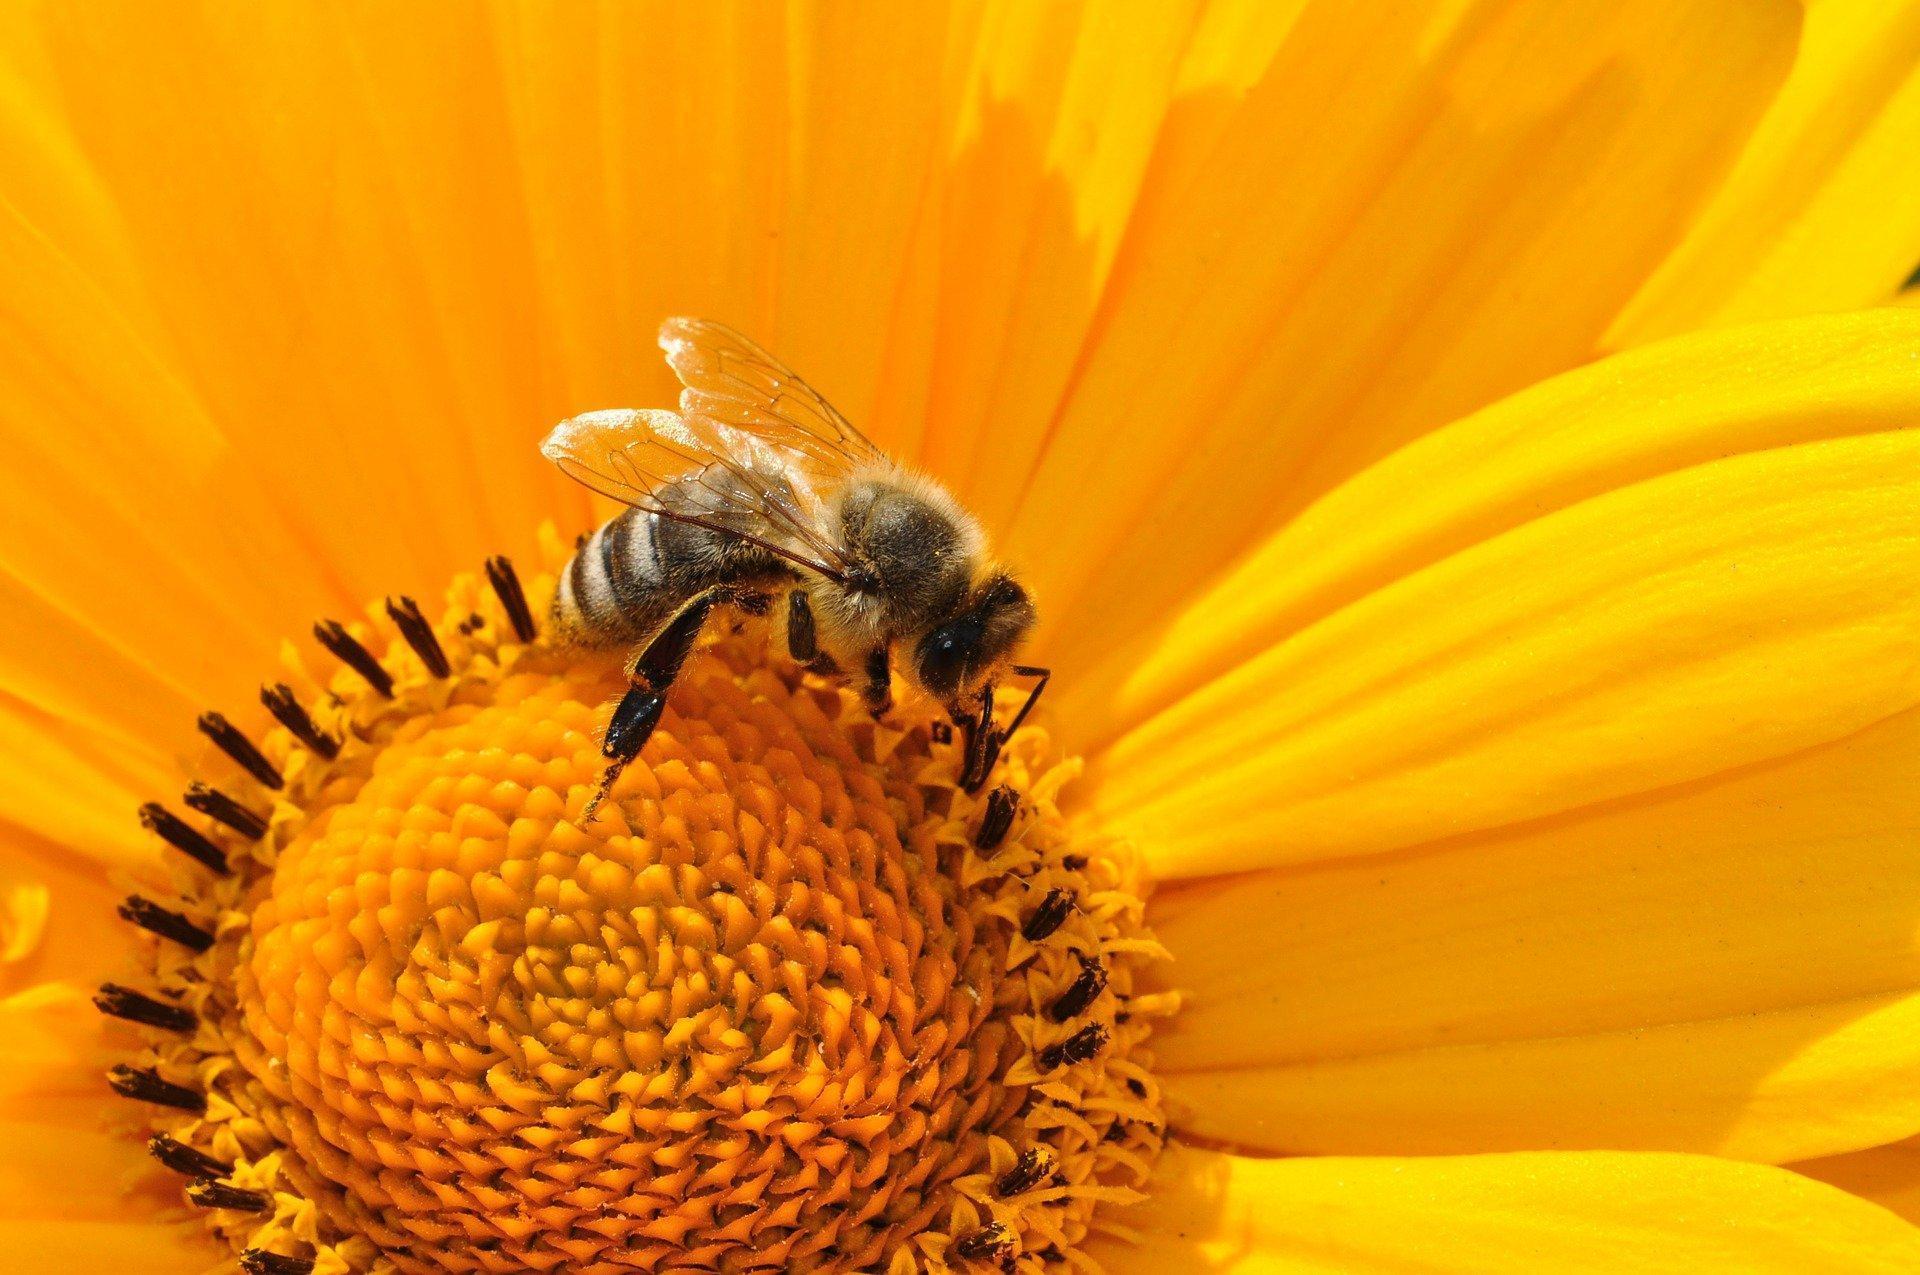 Miód słonecznikowy – właściwości lecznicze